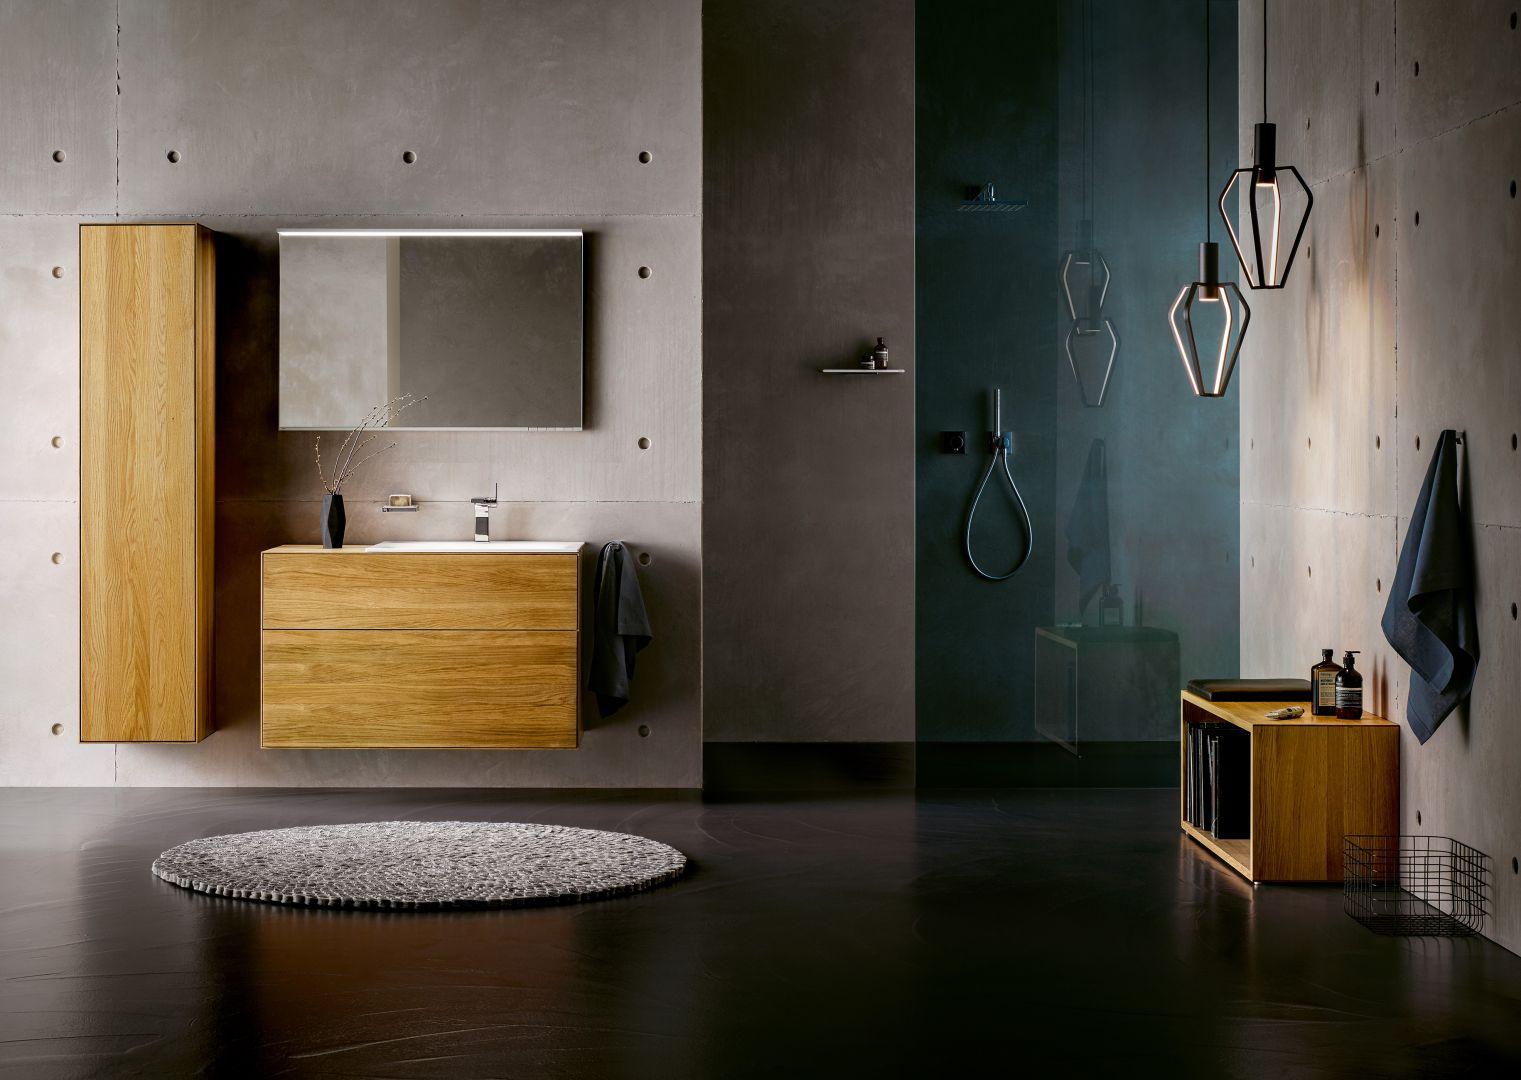 Meble łazienkowe z limitowanej kolekcji Edition Lignatur marki Keuco. Fot. Keuco